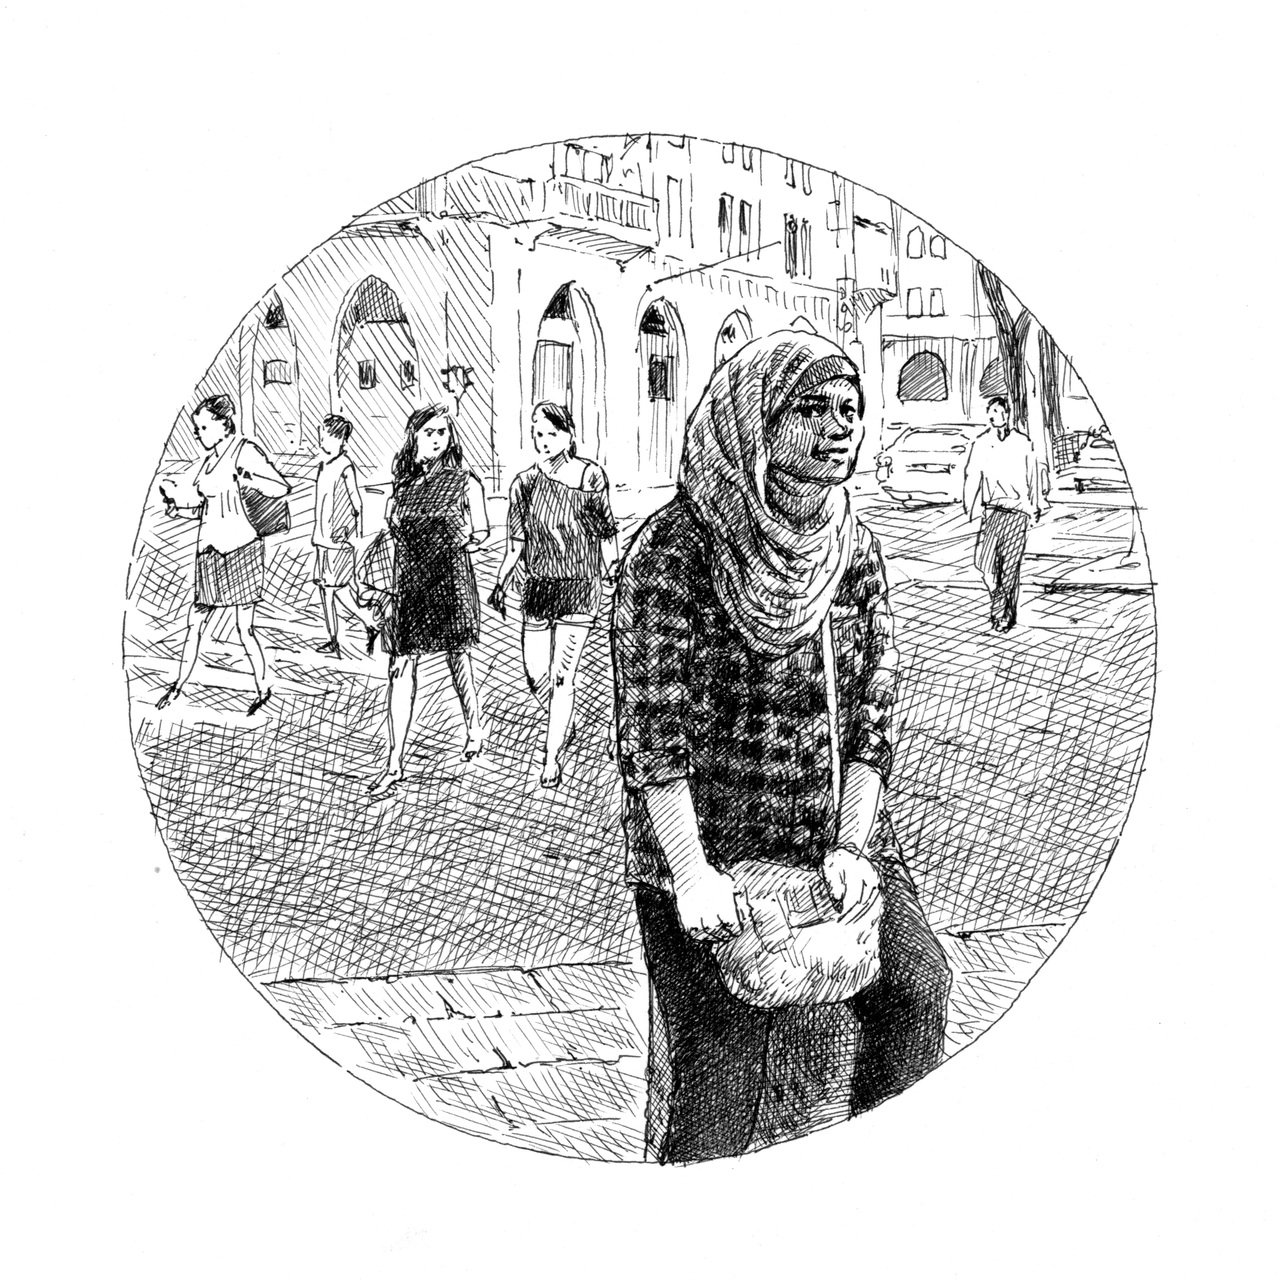 阿碧爾.阿尤卜於西耶路薩冷。圖/臺灣商務出版提供